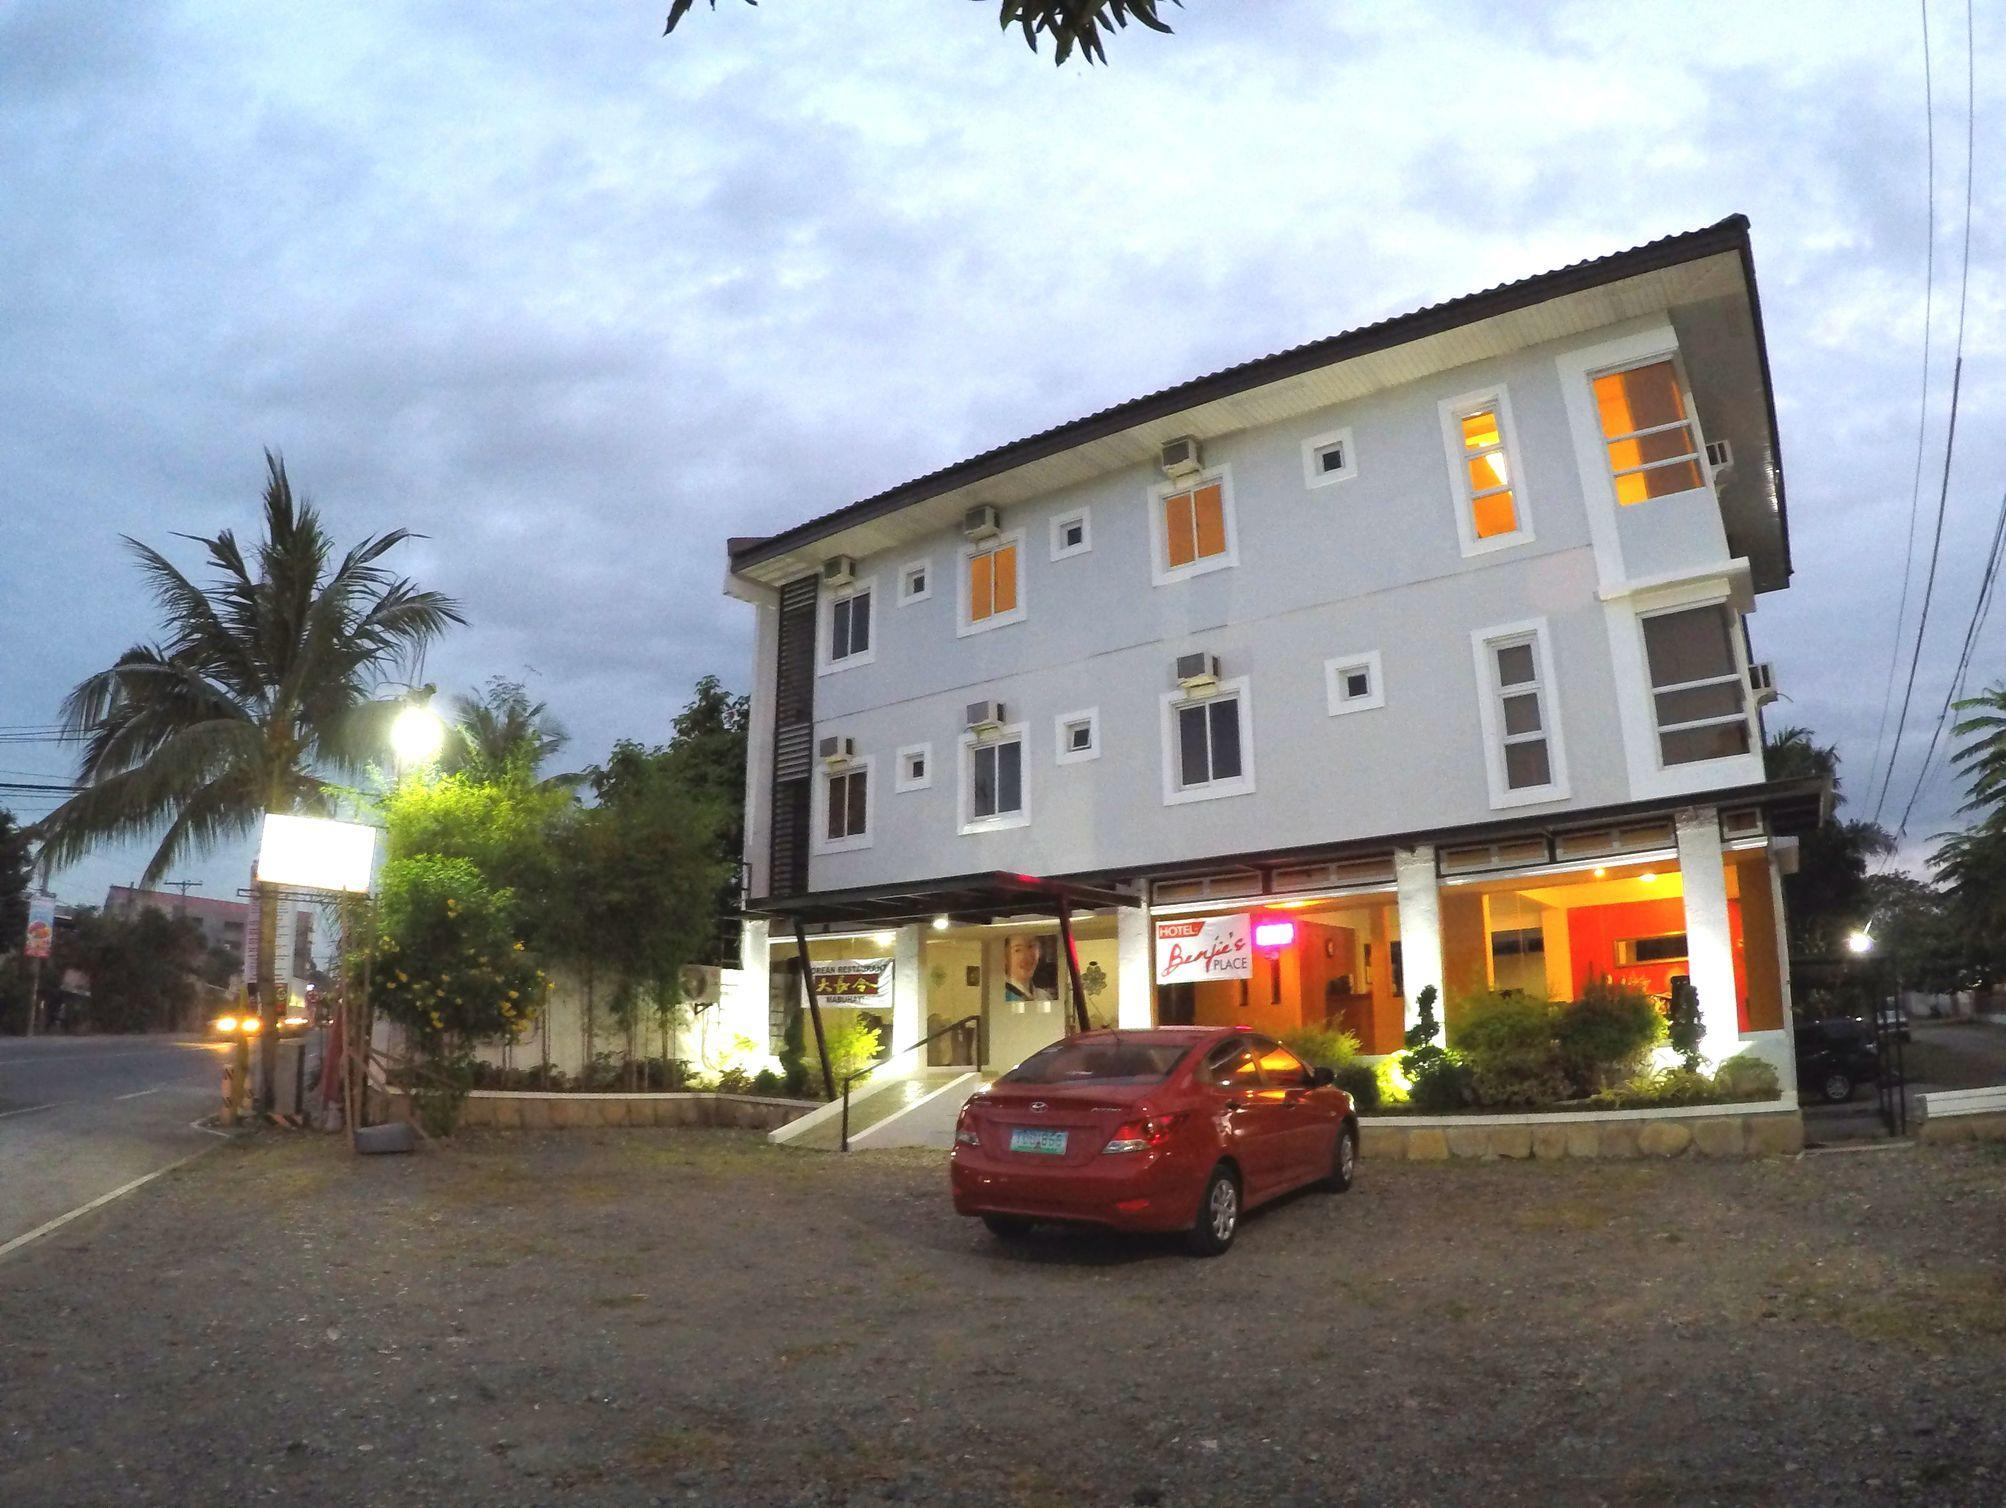 Benjies Place